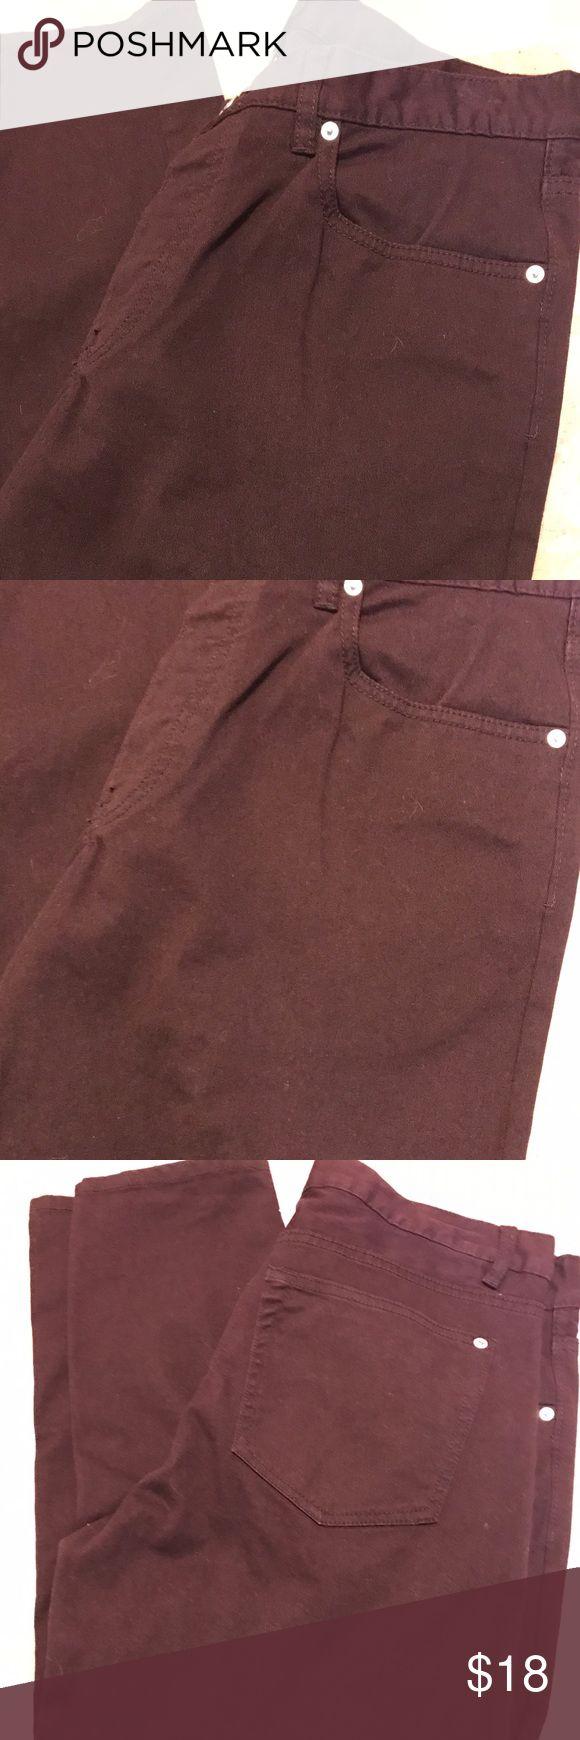 H&M Slim Fit Casual Slack Pants Men's H&M Slim Fit Casual Slack Pants H&M Pants